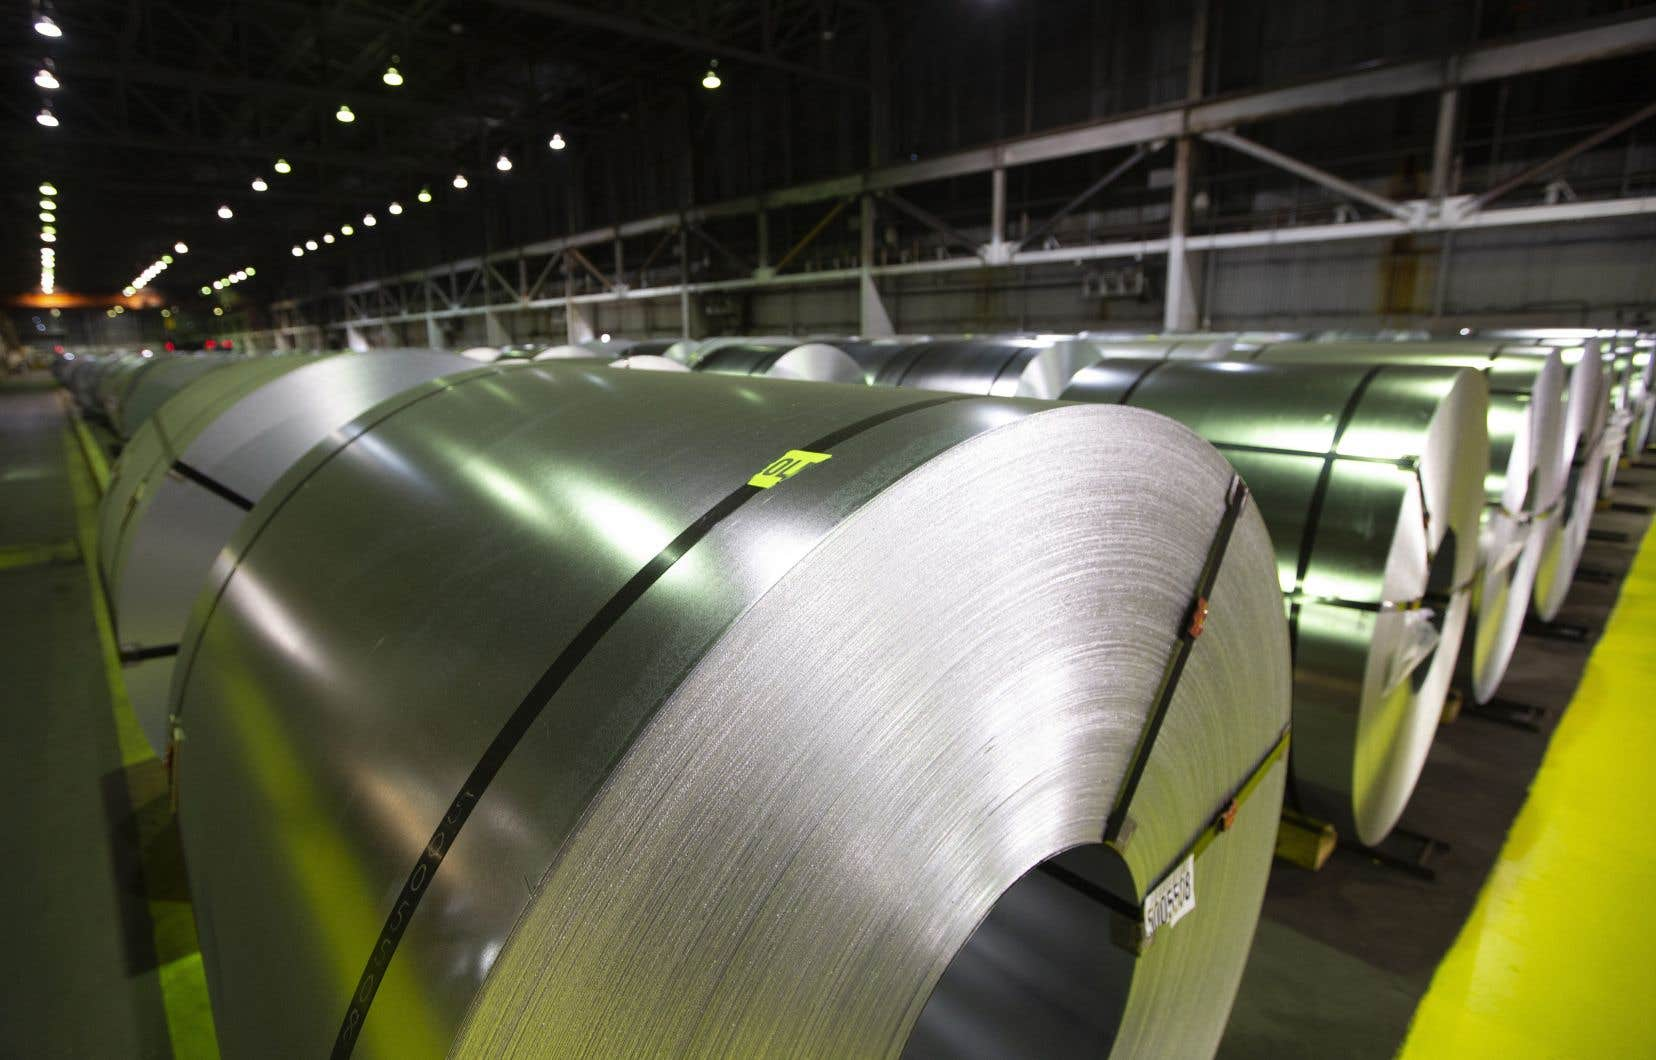 Les tarifs douaniers canadiens prévoyaient une surtaxe de 25% sur les importations américaines d'acier et de 10% sur l'aluminium.